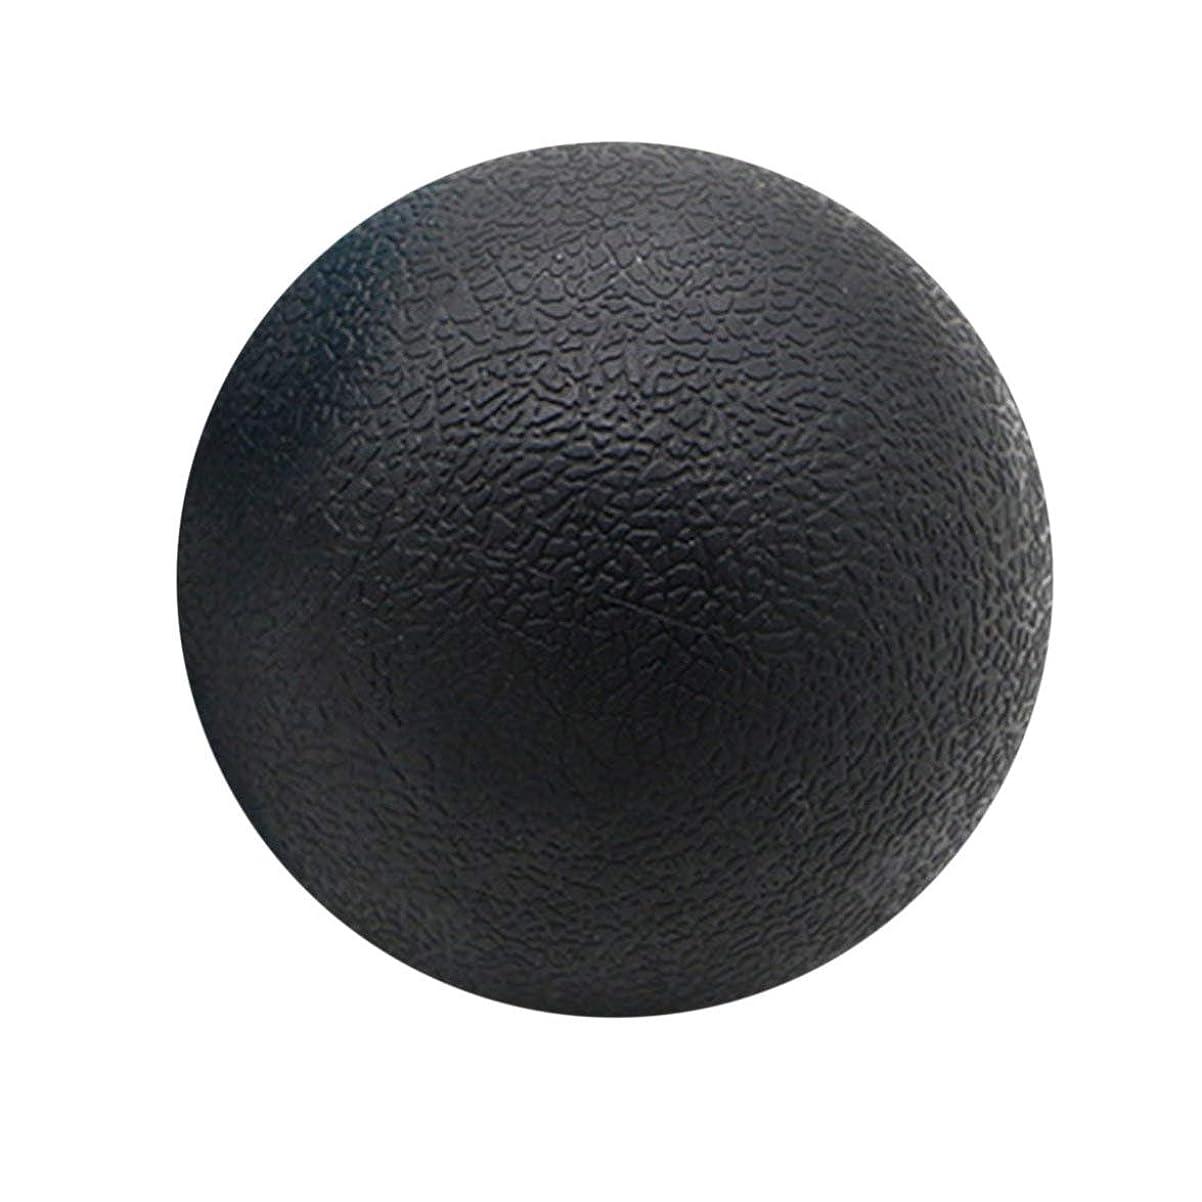 教育する小麦かび臭いフィットネスリリーフジムシングルボールマッサージボールトレーニングフェイシアホッケーボール6.3cmマッサージフィットネスボールリラックスマッスルボール-ブラック